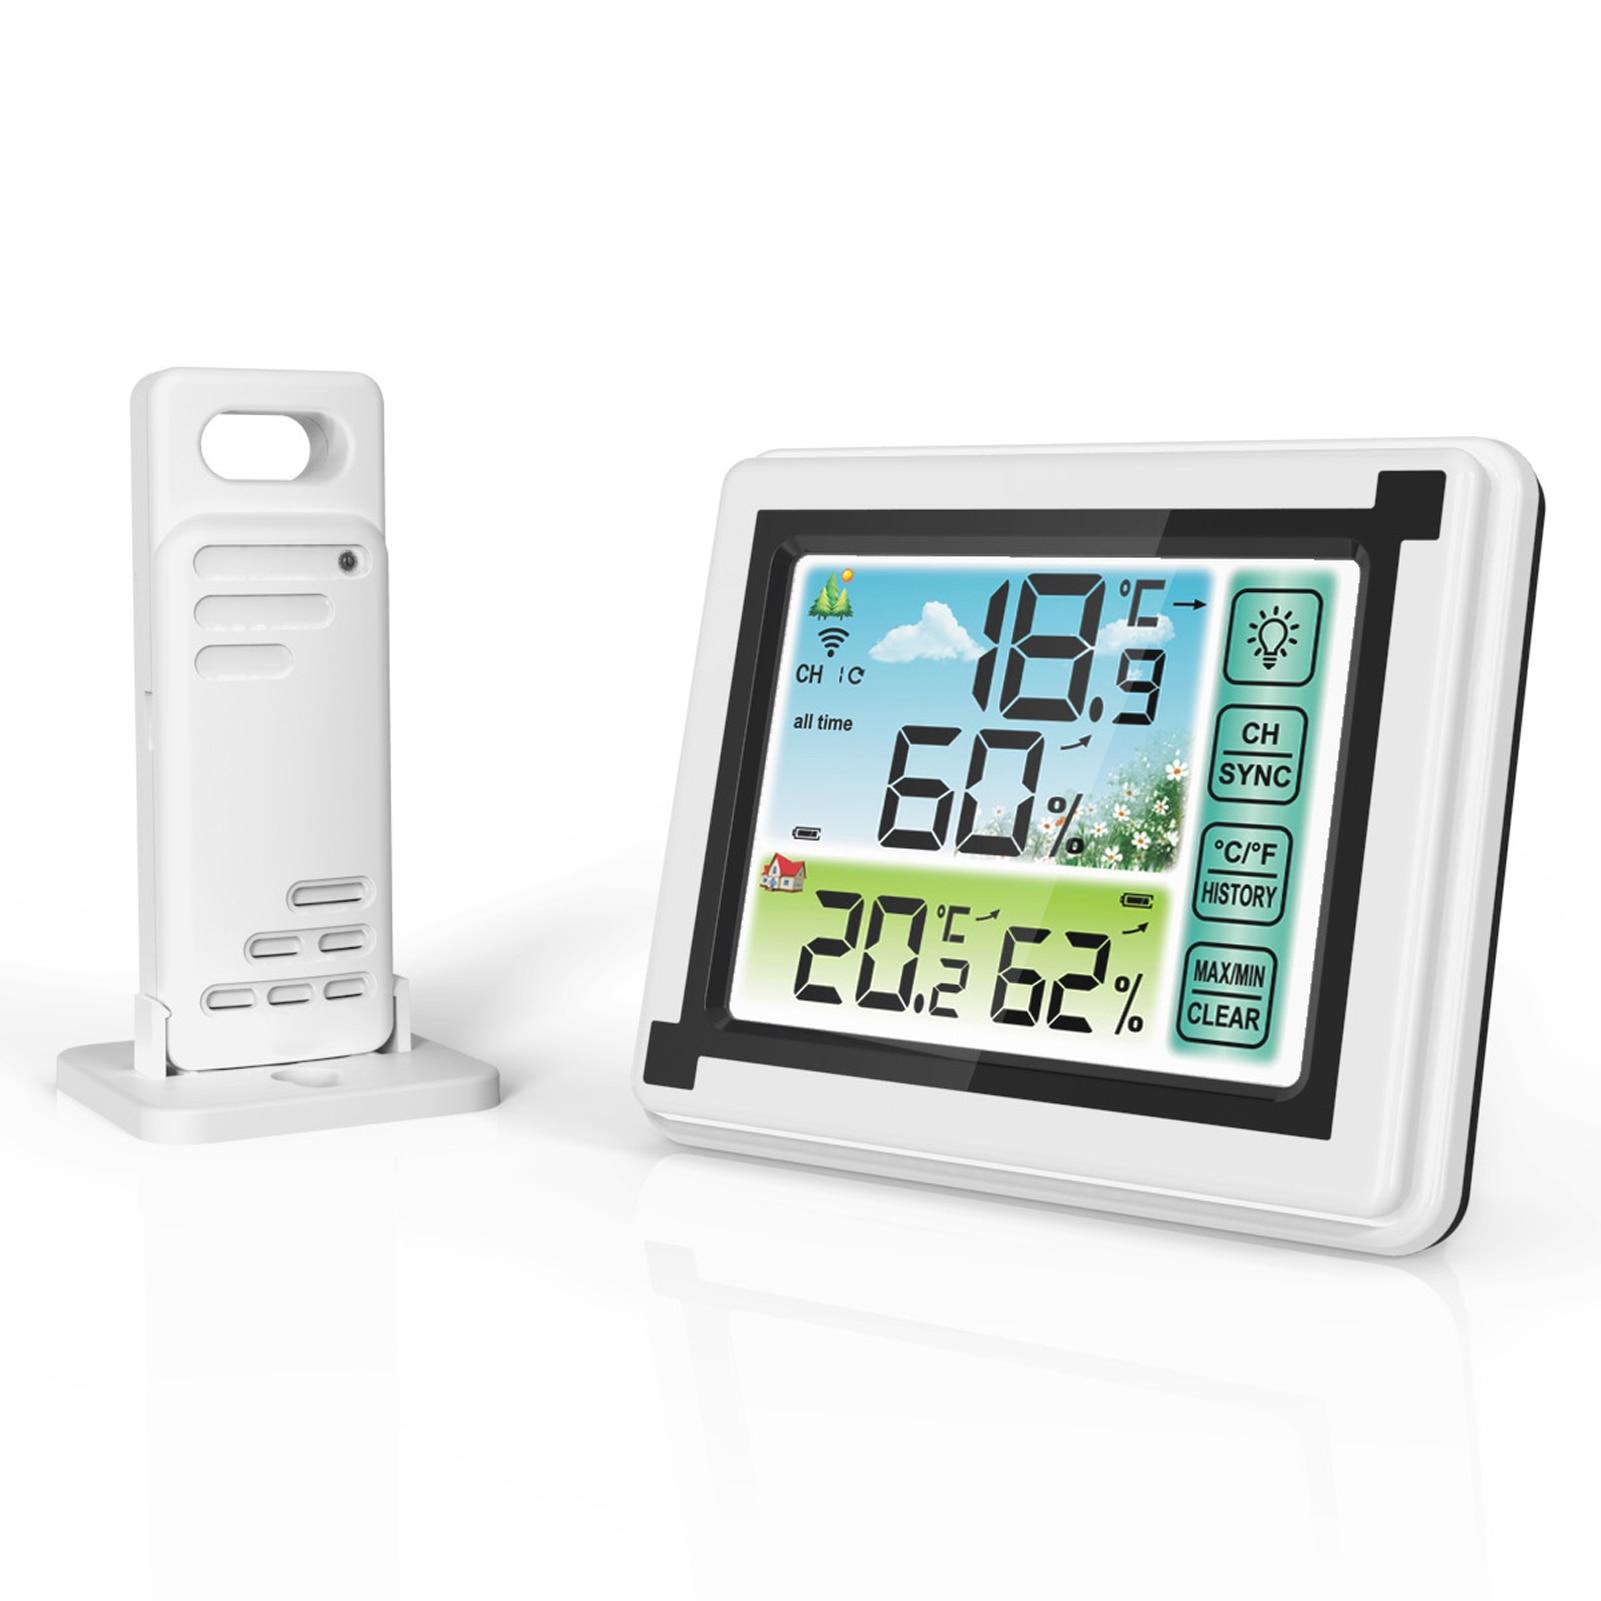 Estação meteorológica ao ar livre indoor sem fio digital thermohigrômetro medidor de temperatura monitor umidade tempo relógio higrômetro